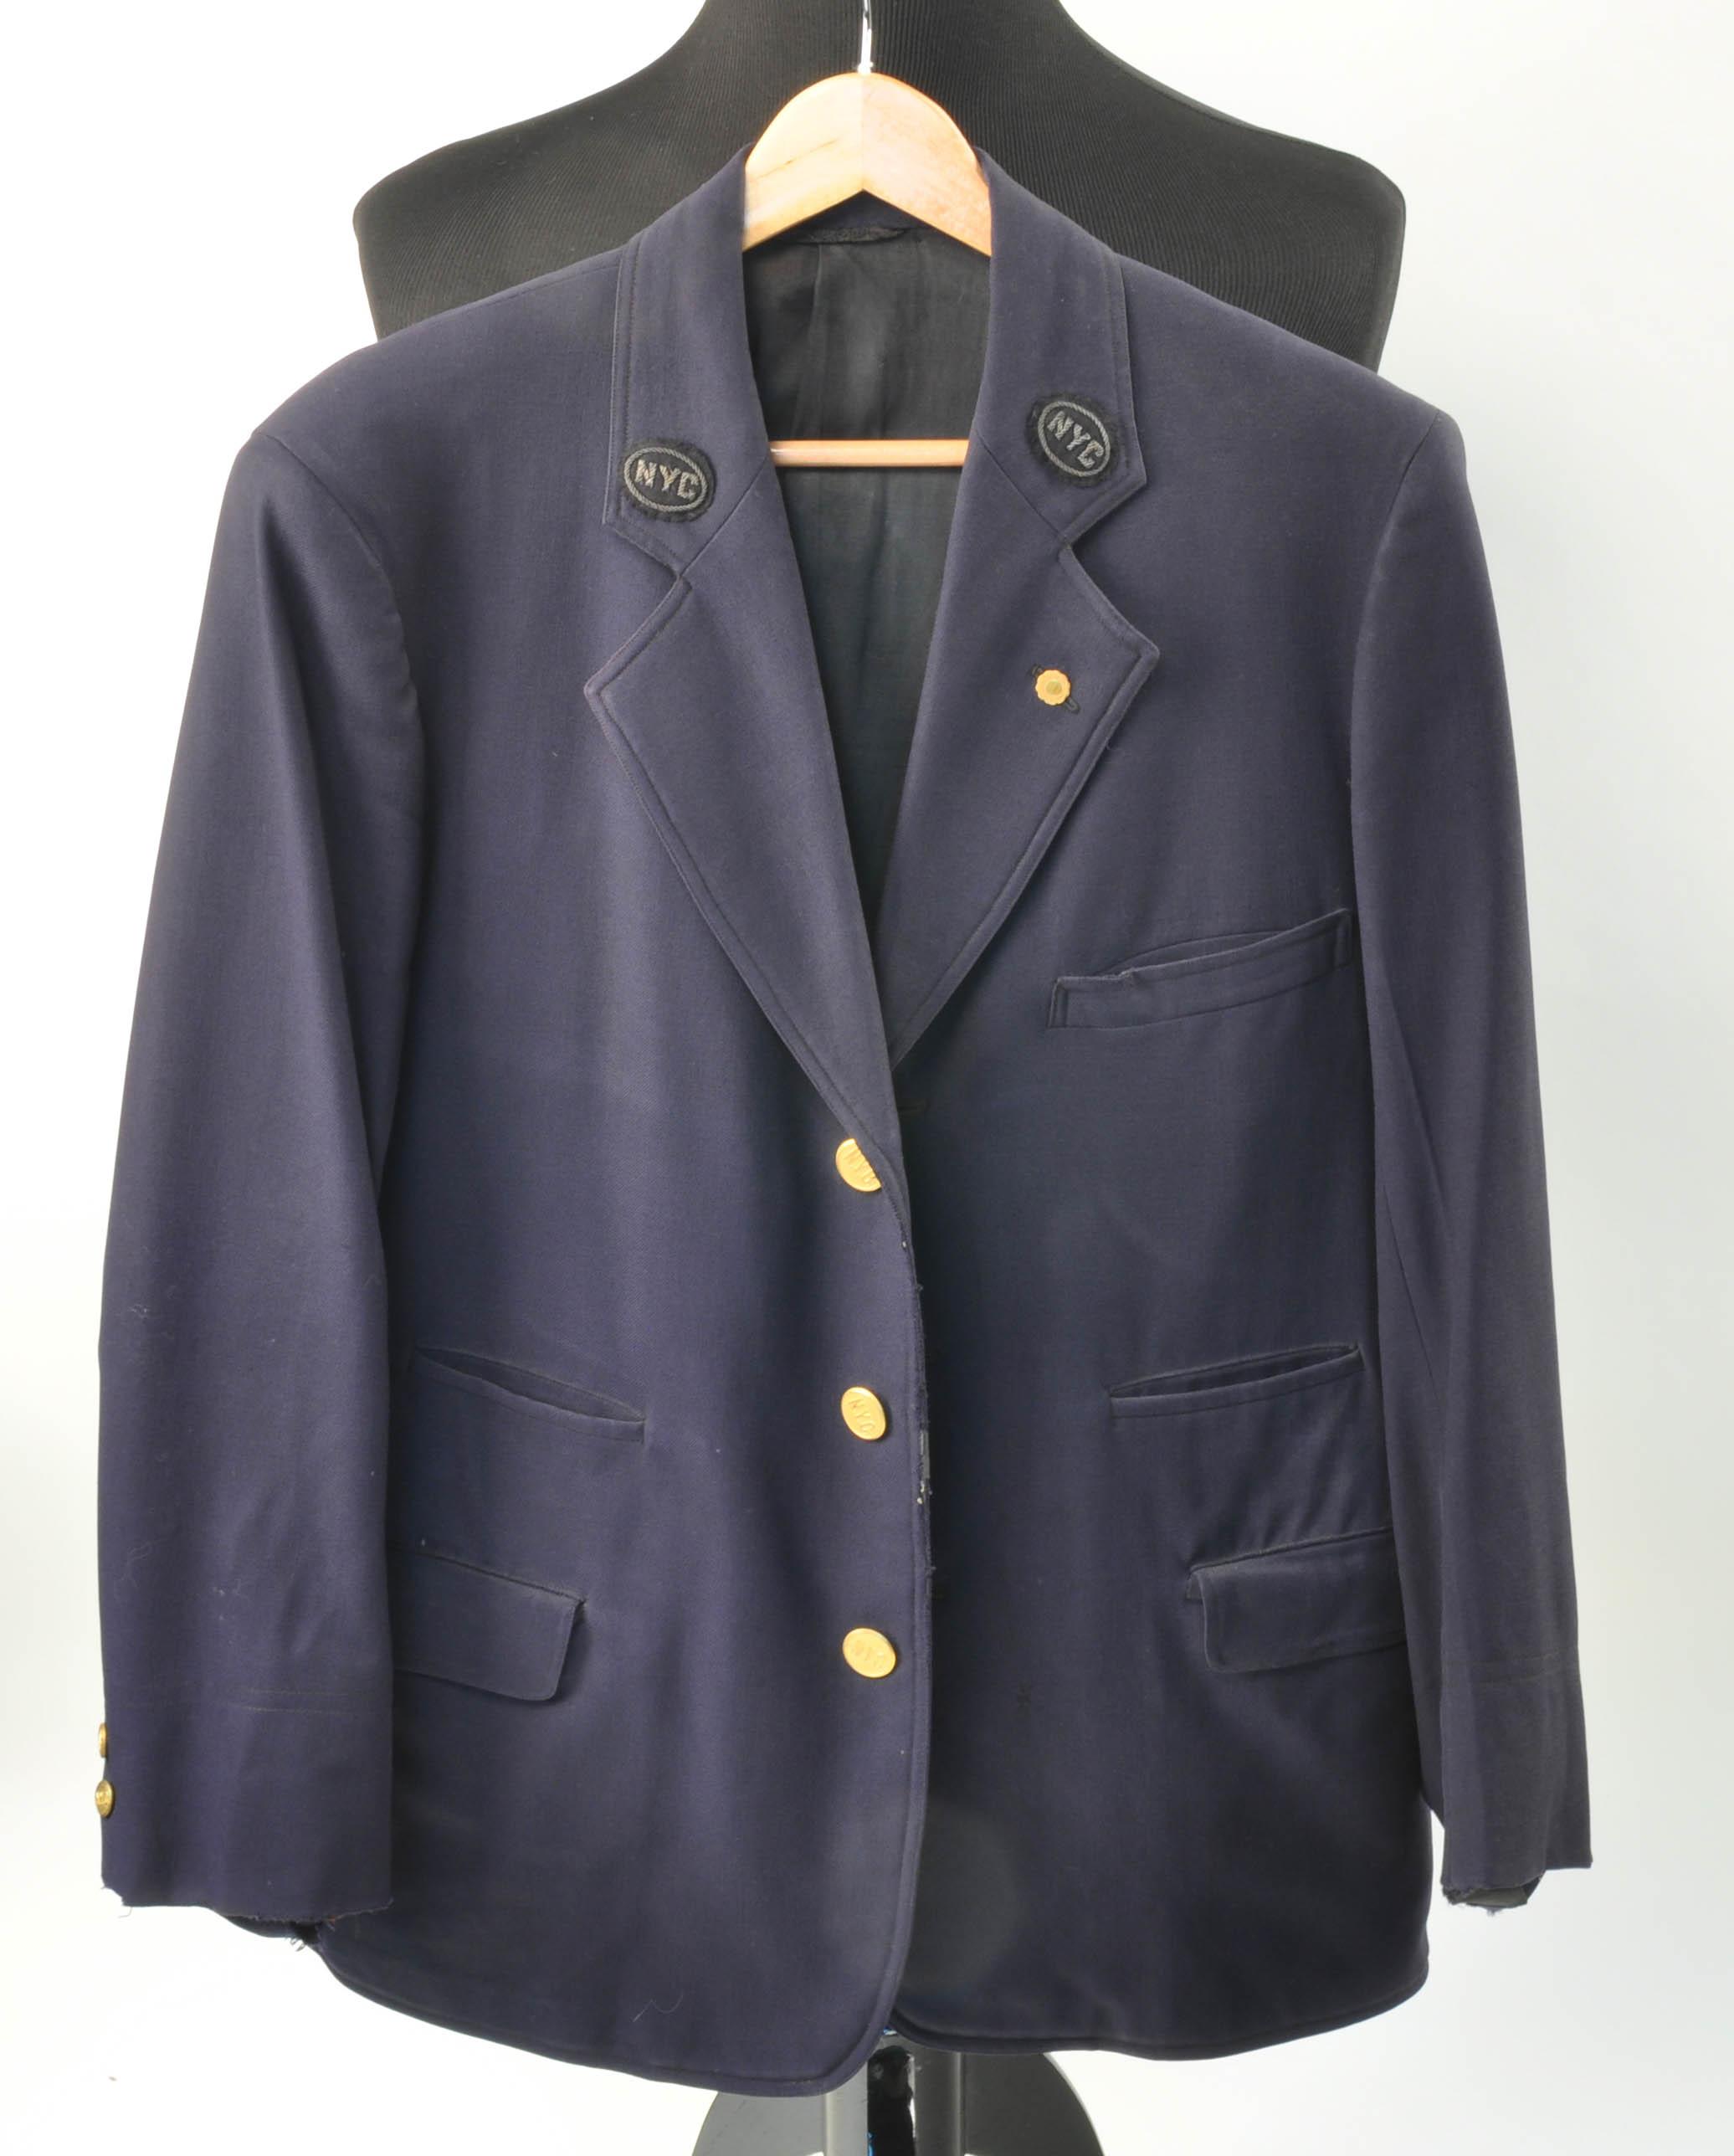 Vintage ny central railroad coat